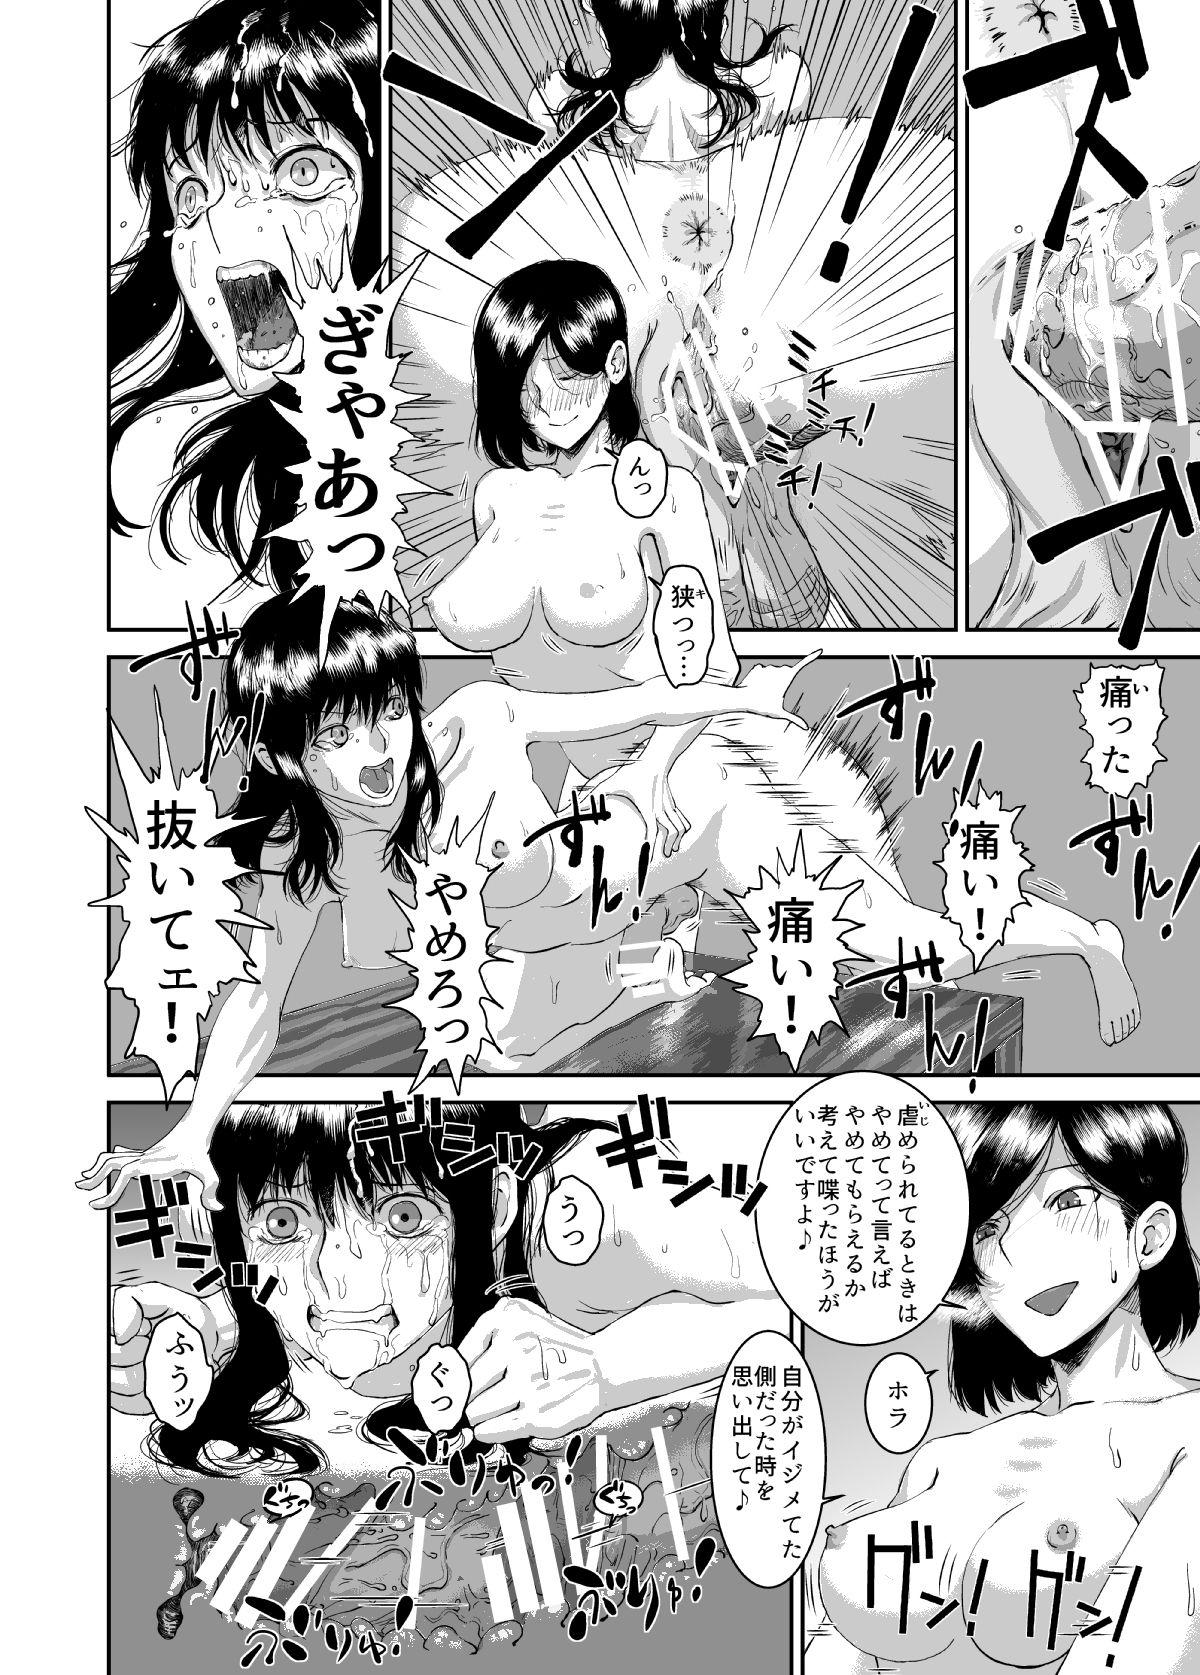 Tadashii Inu no Shitsuke ke Kata 9